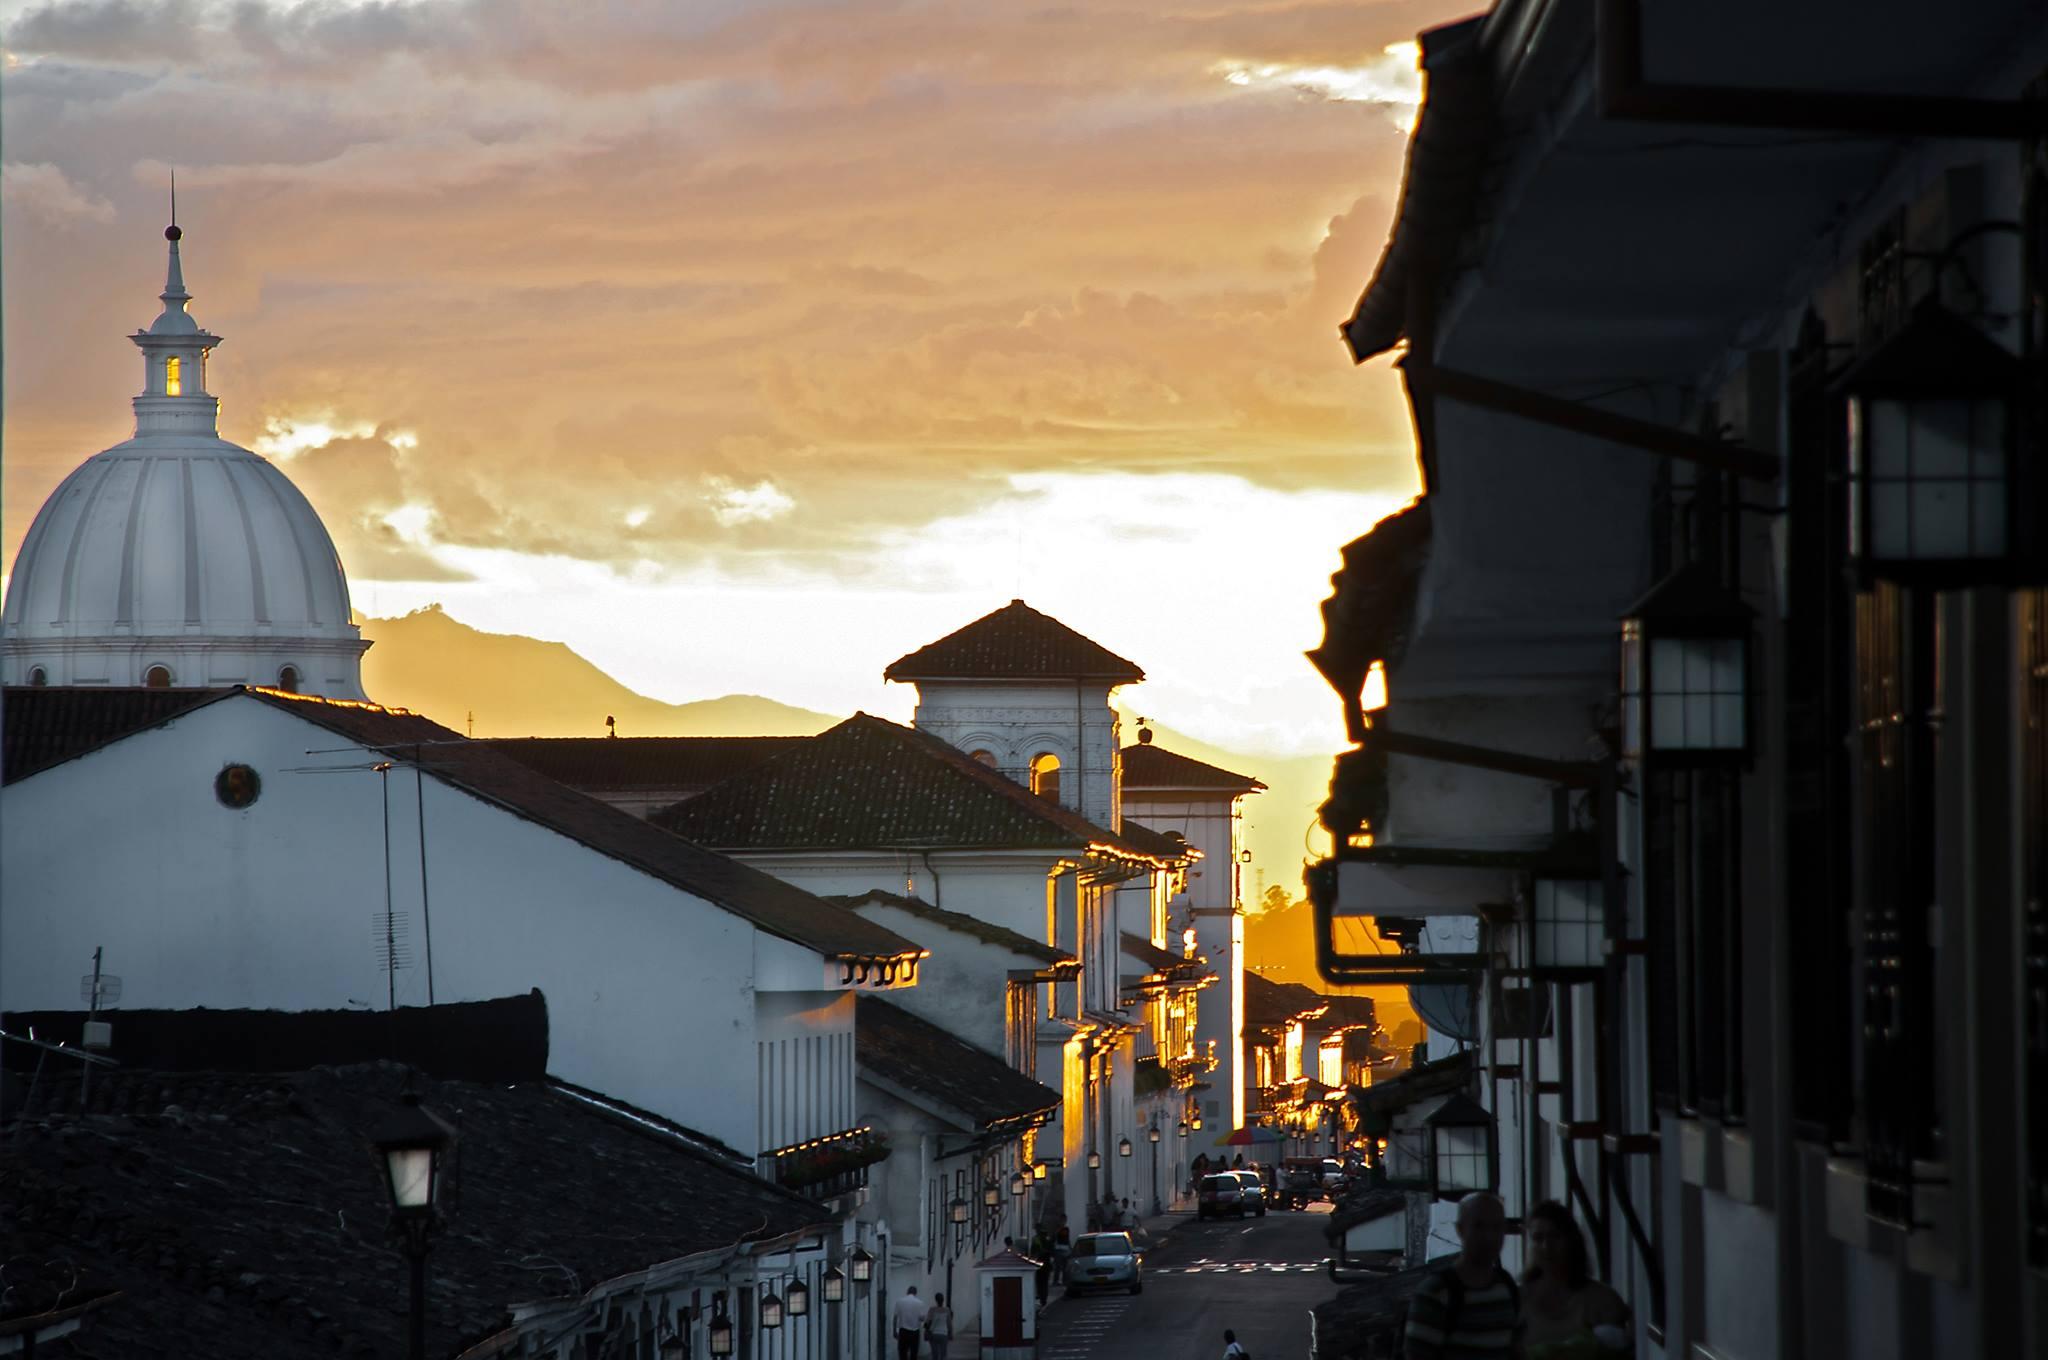 La Semana Santa tiene una celebración especial en Popayán, capital del Cauca. Foto: Gobernación del Cauca.